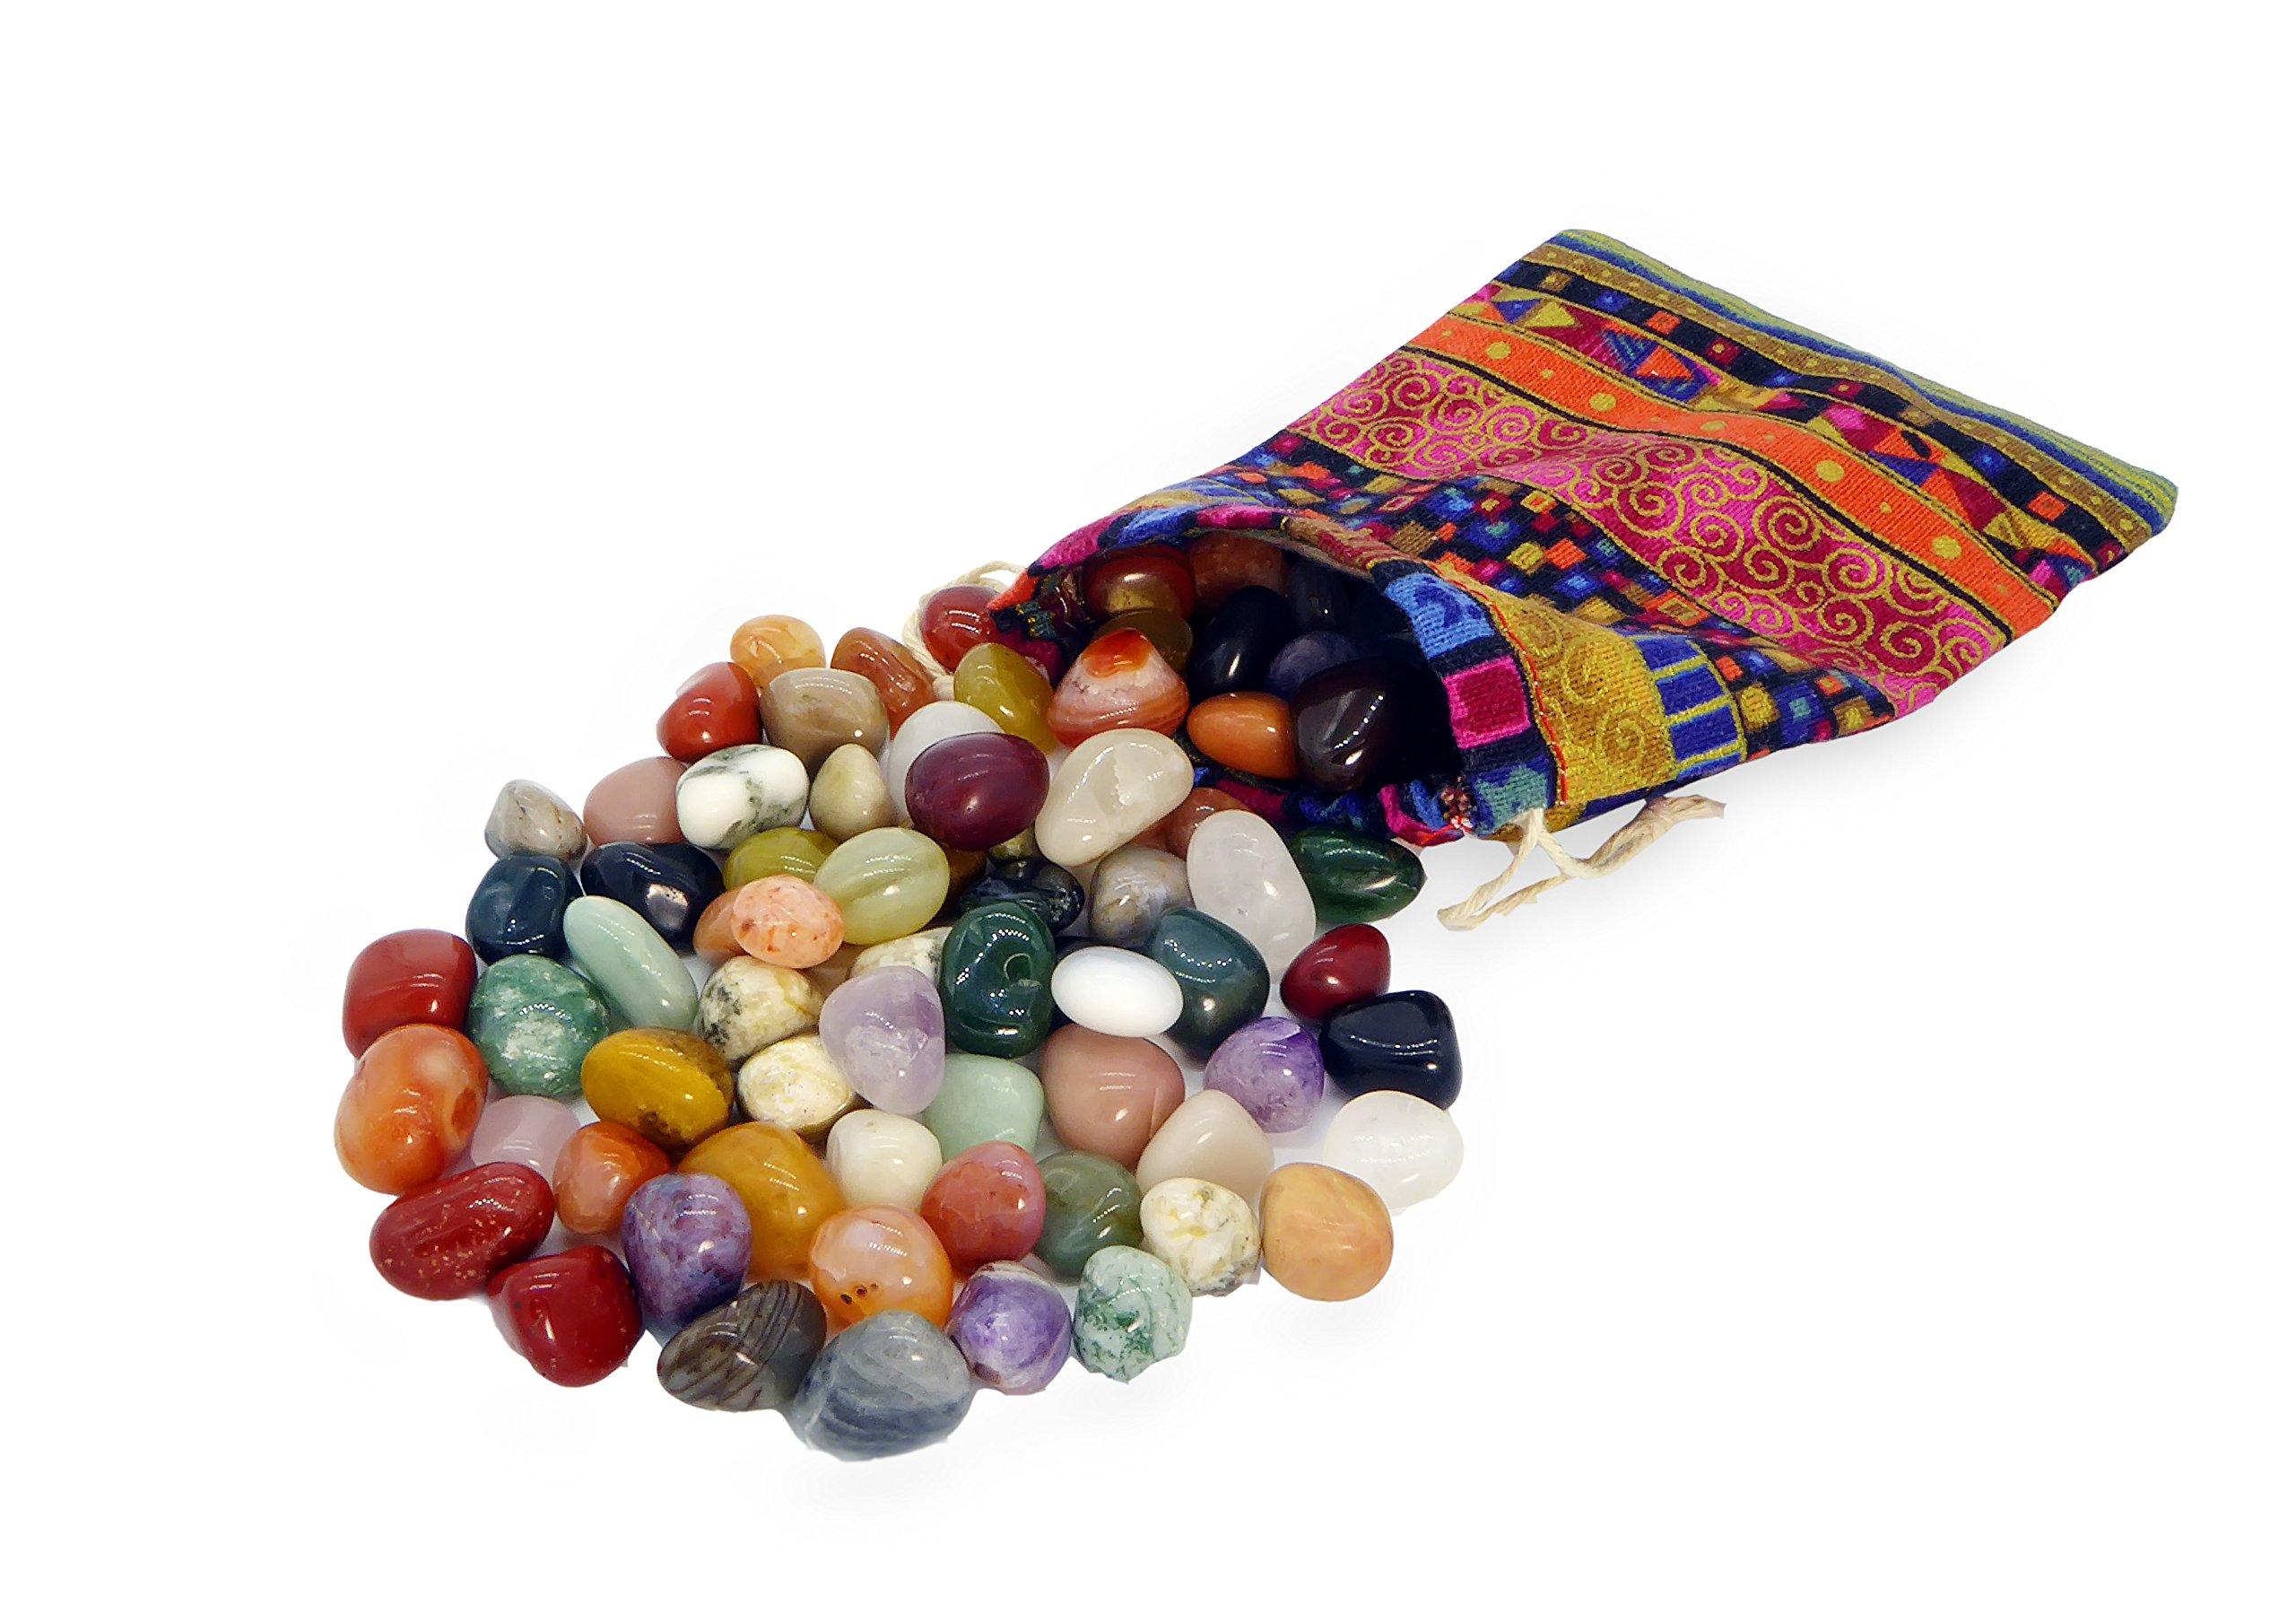 Metavio Edelstein-Set Colludo | Natürliche Trommelsteine in verschiedenen Größen | Praktisch im bunten Stoffbeutel